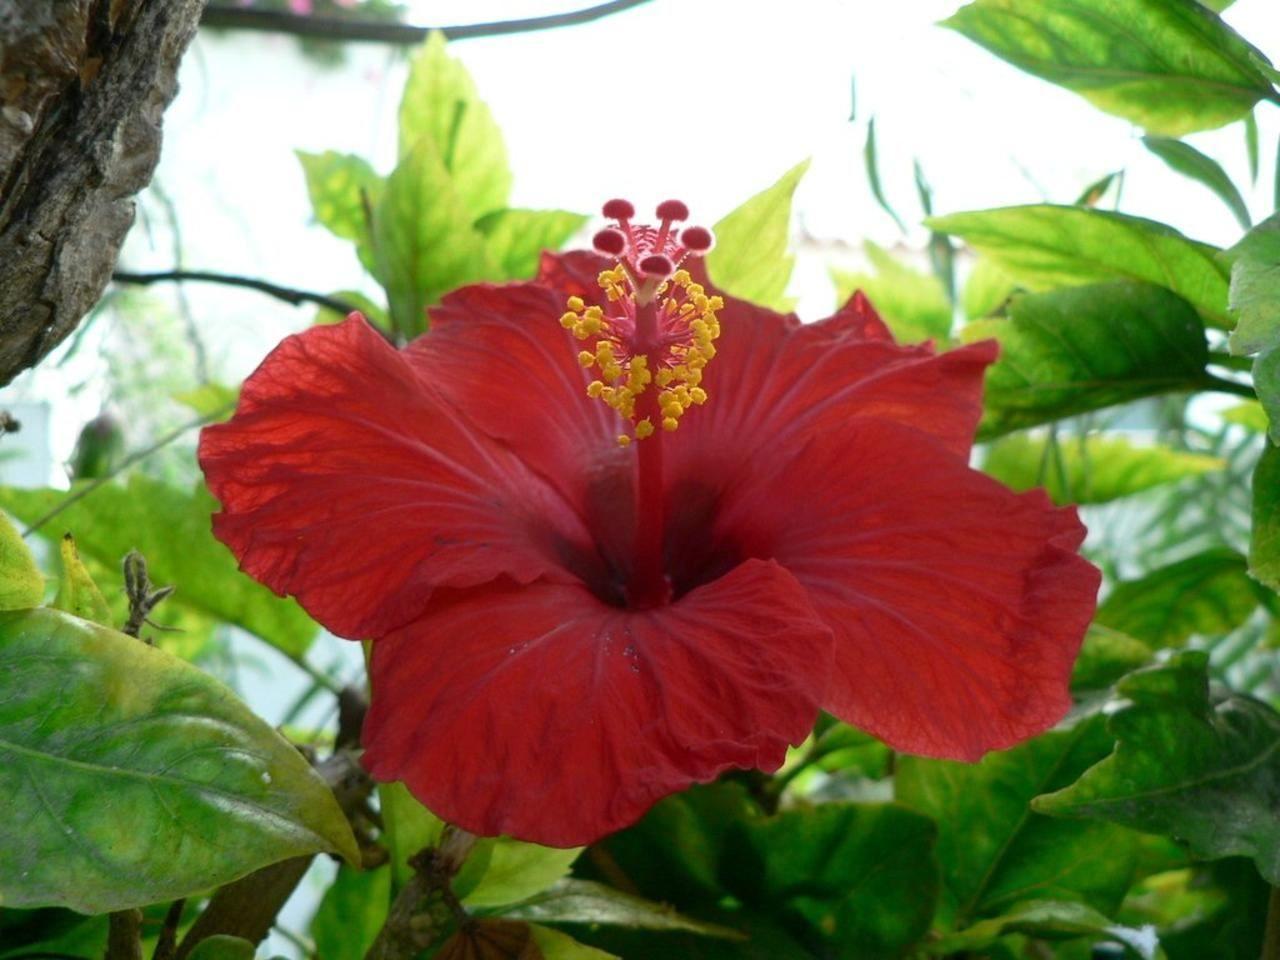 Red Flower Green Leaves Gr